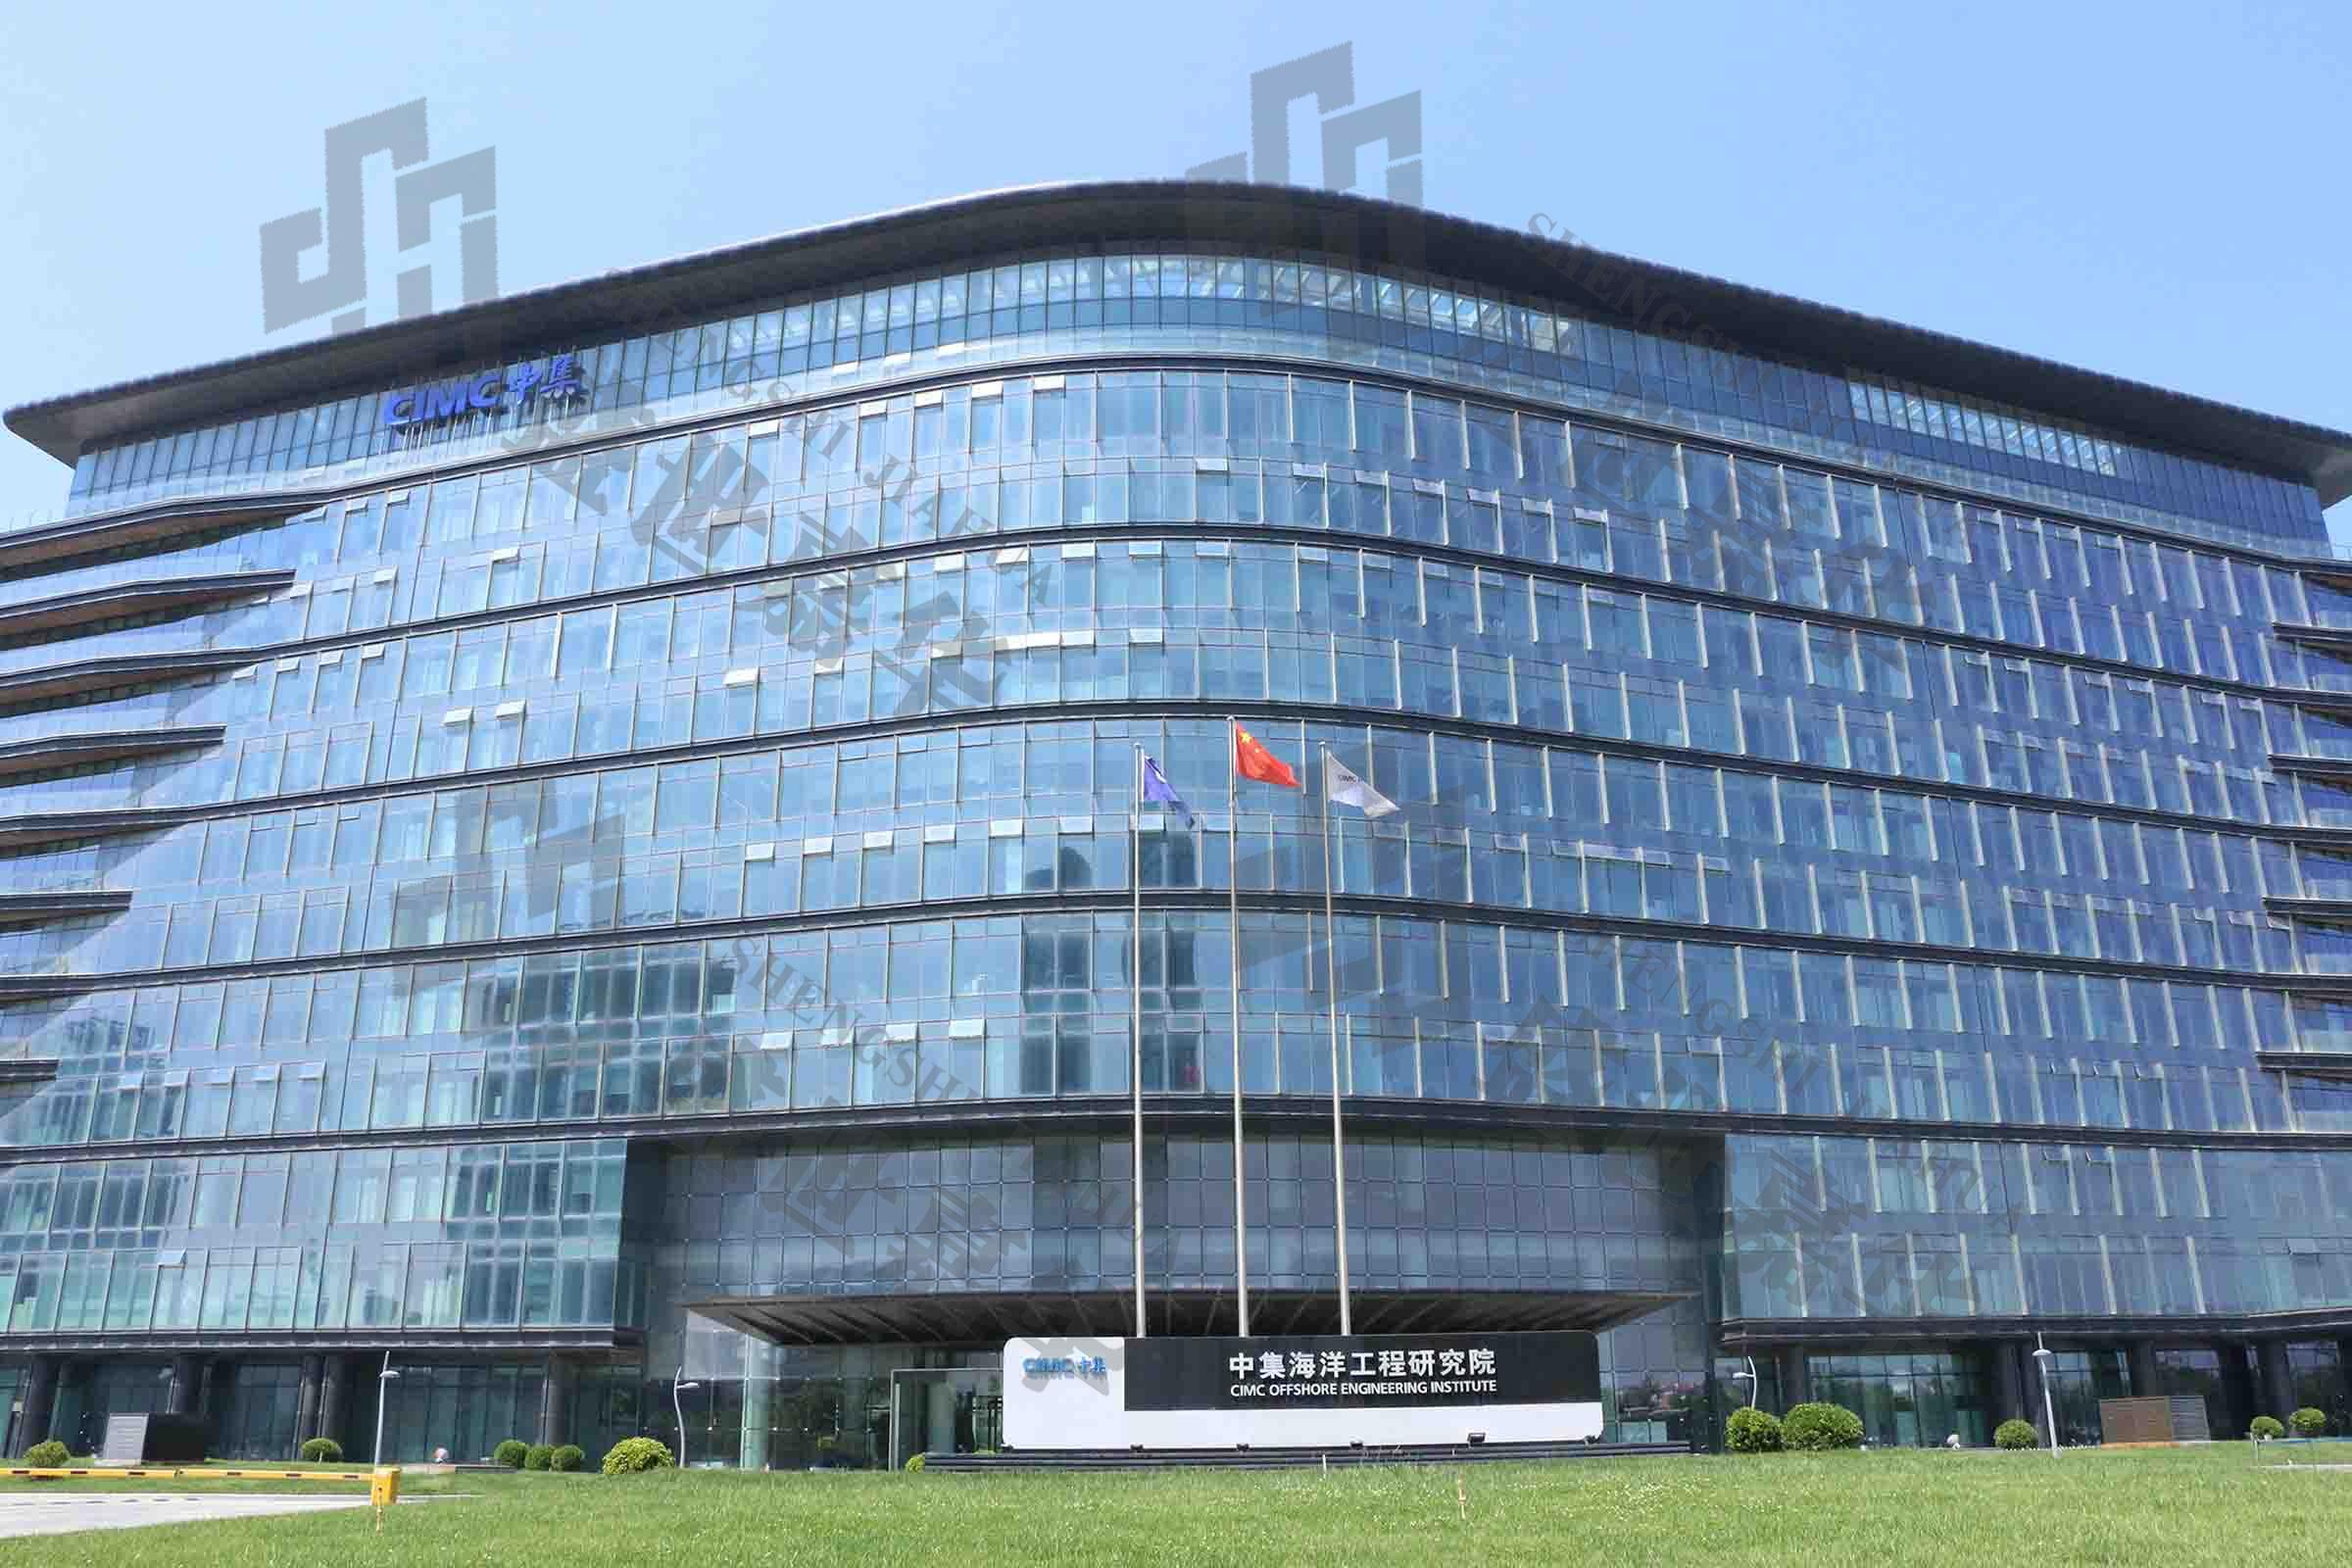 贺:中集海洋工程研究院有限公司展厅设计与改造项目圆满竣工验收